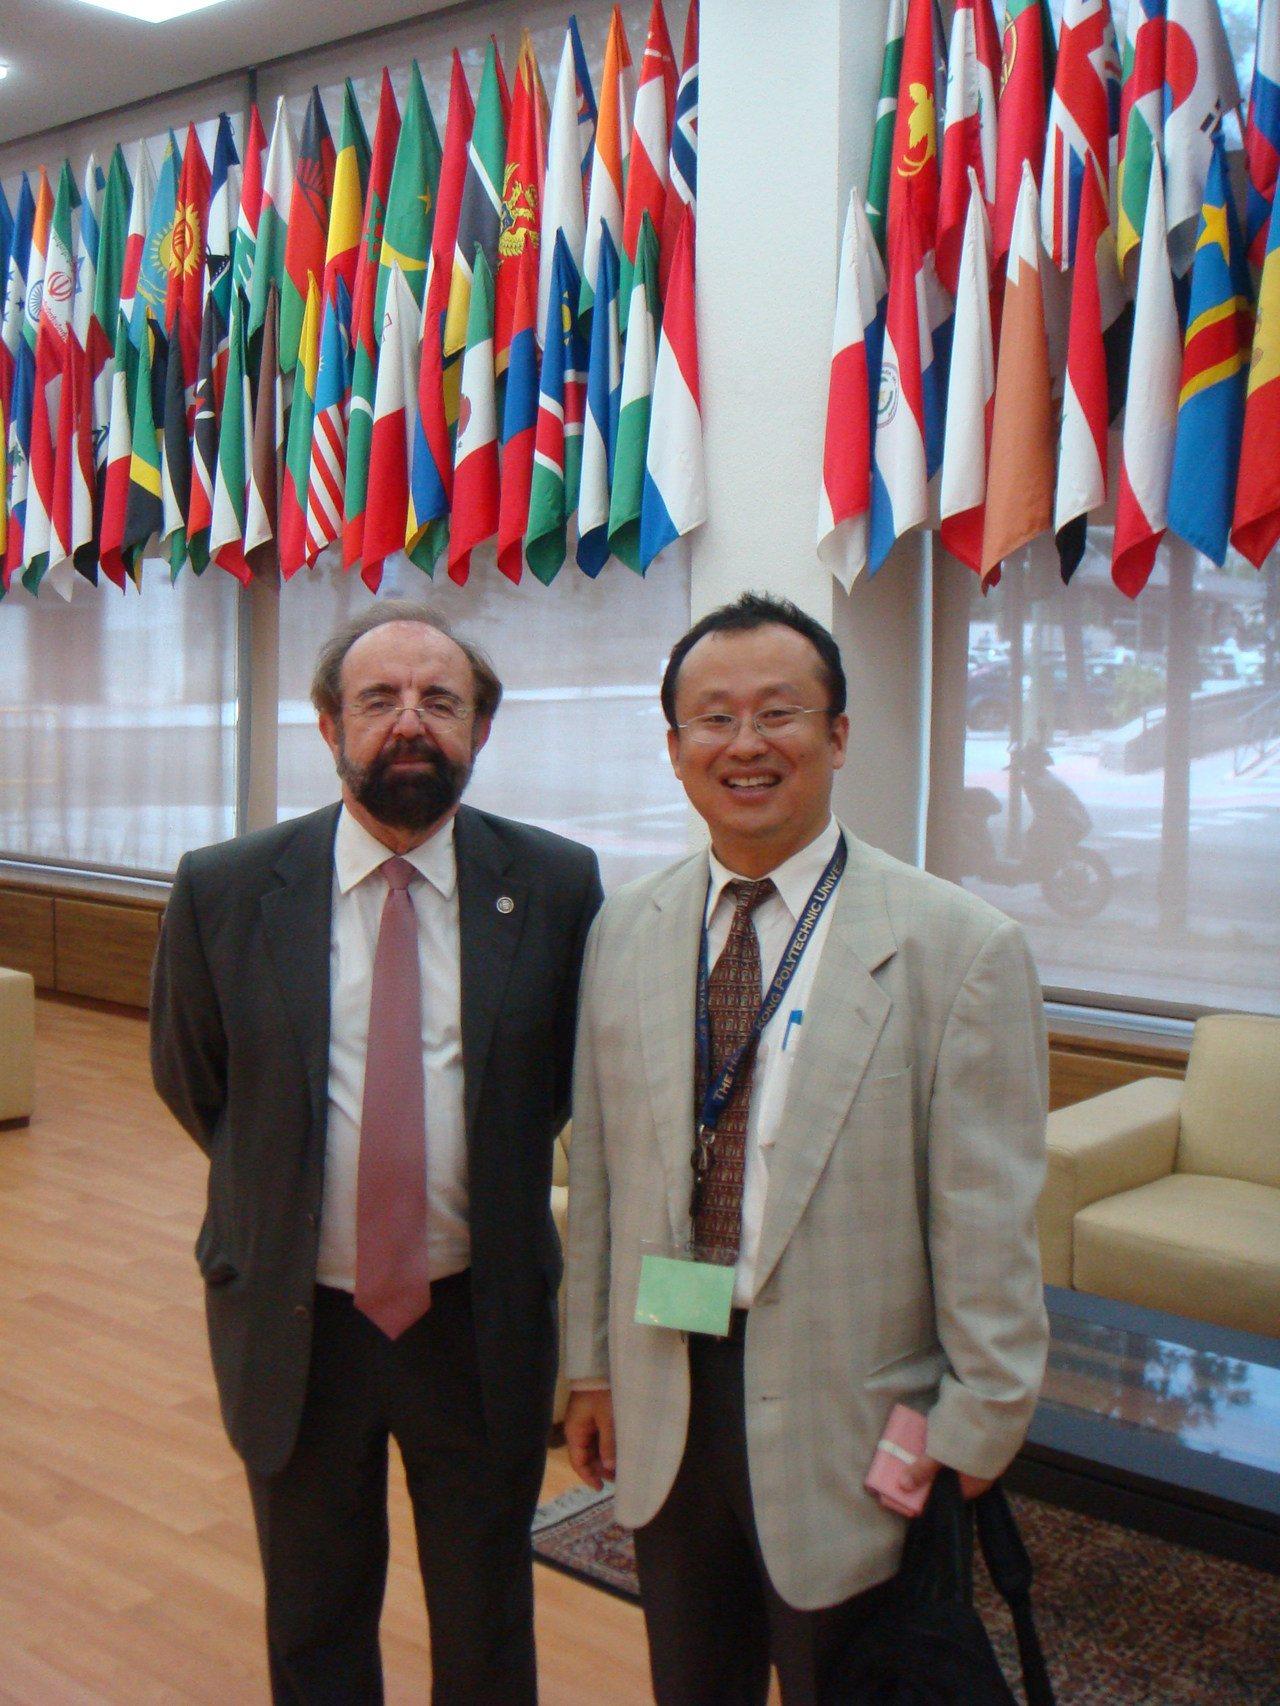 中興大學創新產業暨國際學院院長黃宗成(右一)2011年拜見結合國世界觀光組織,並...